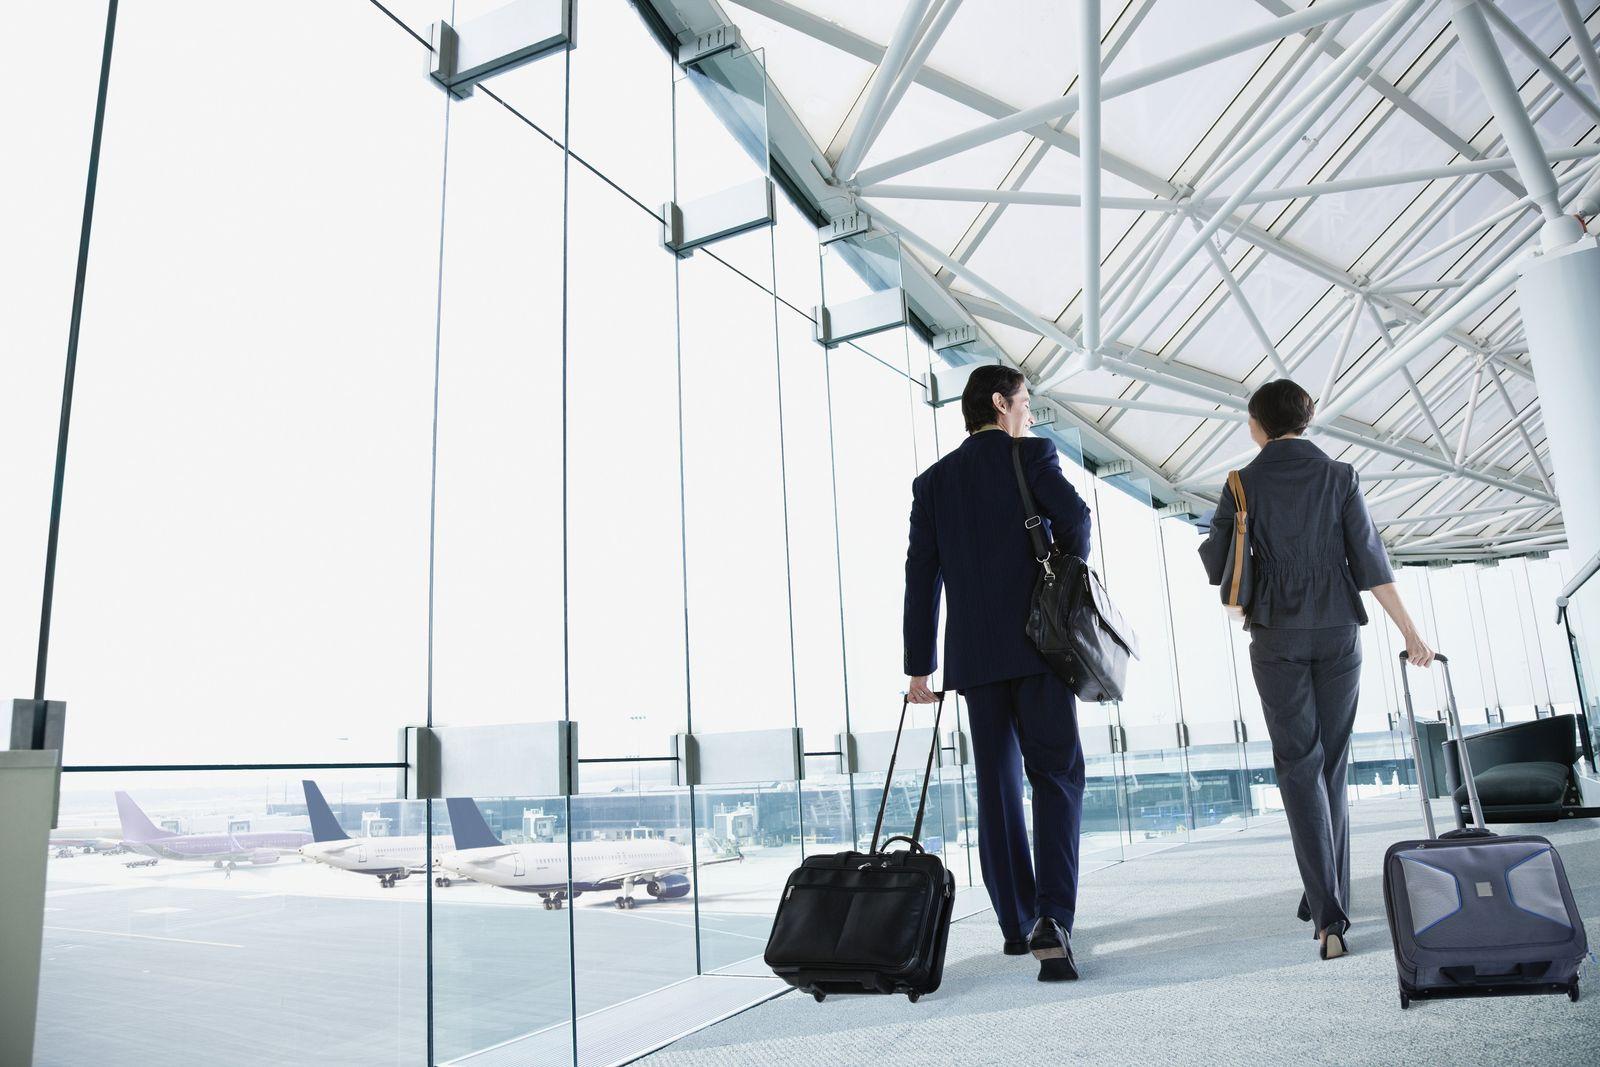 NICHT MEHR VERWENDEN! - EINMALIGE VERWENDUNG KaSP Geschäftsreise Terminal SYMBOLBILD